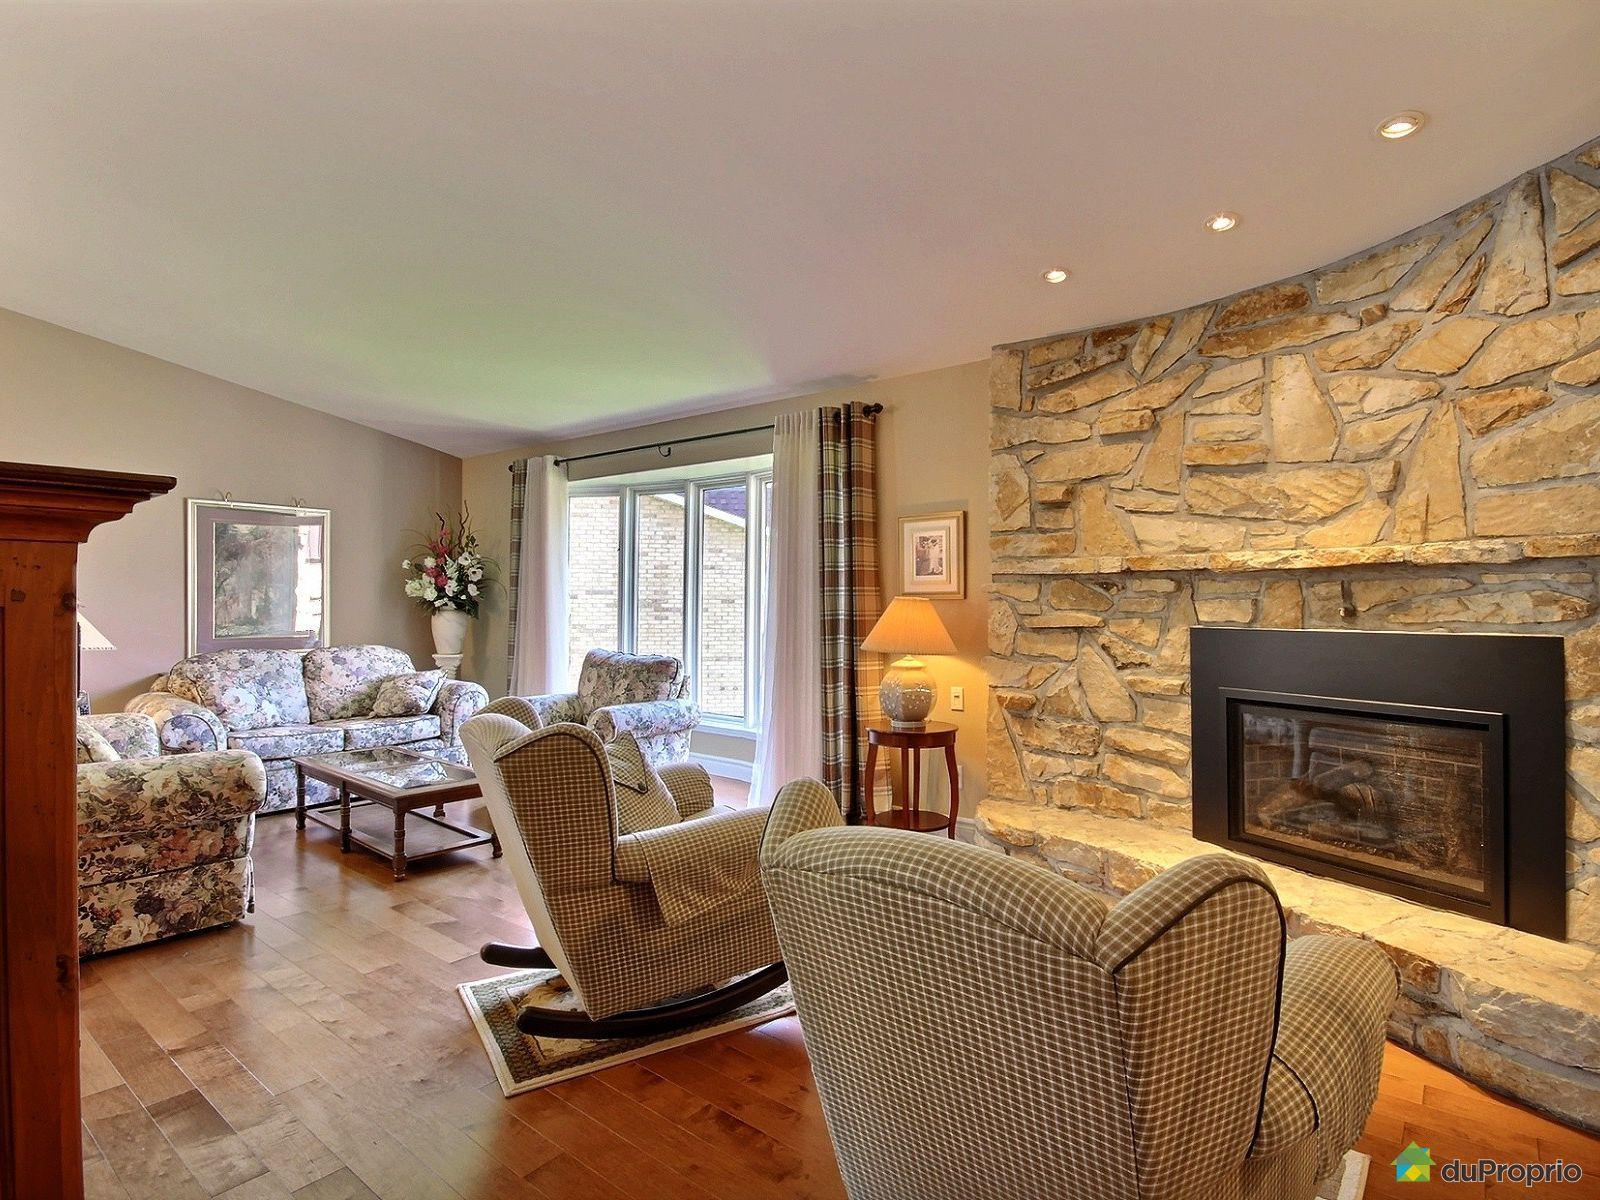 Maison vendre brossard 1720 croissant su de immobilier for Acheter maison suede